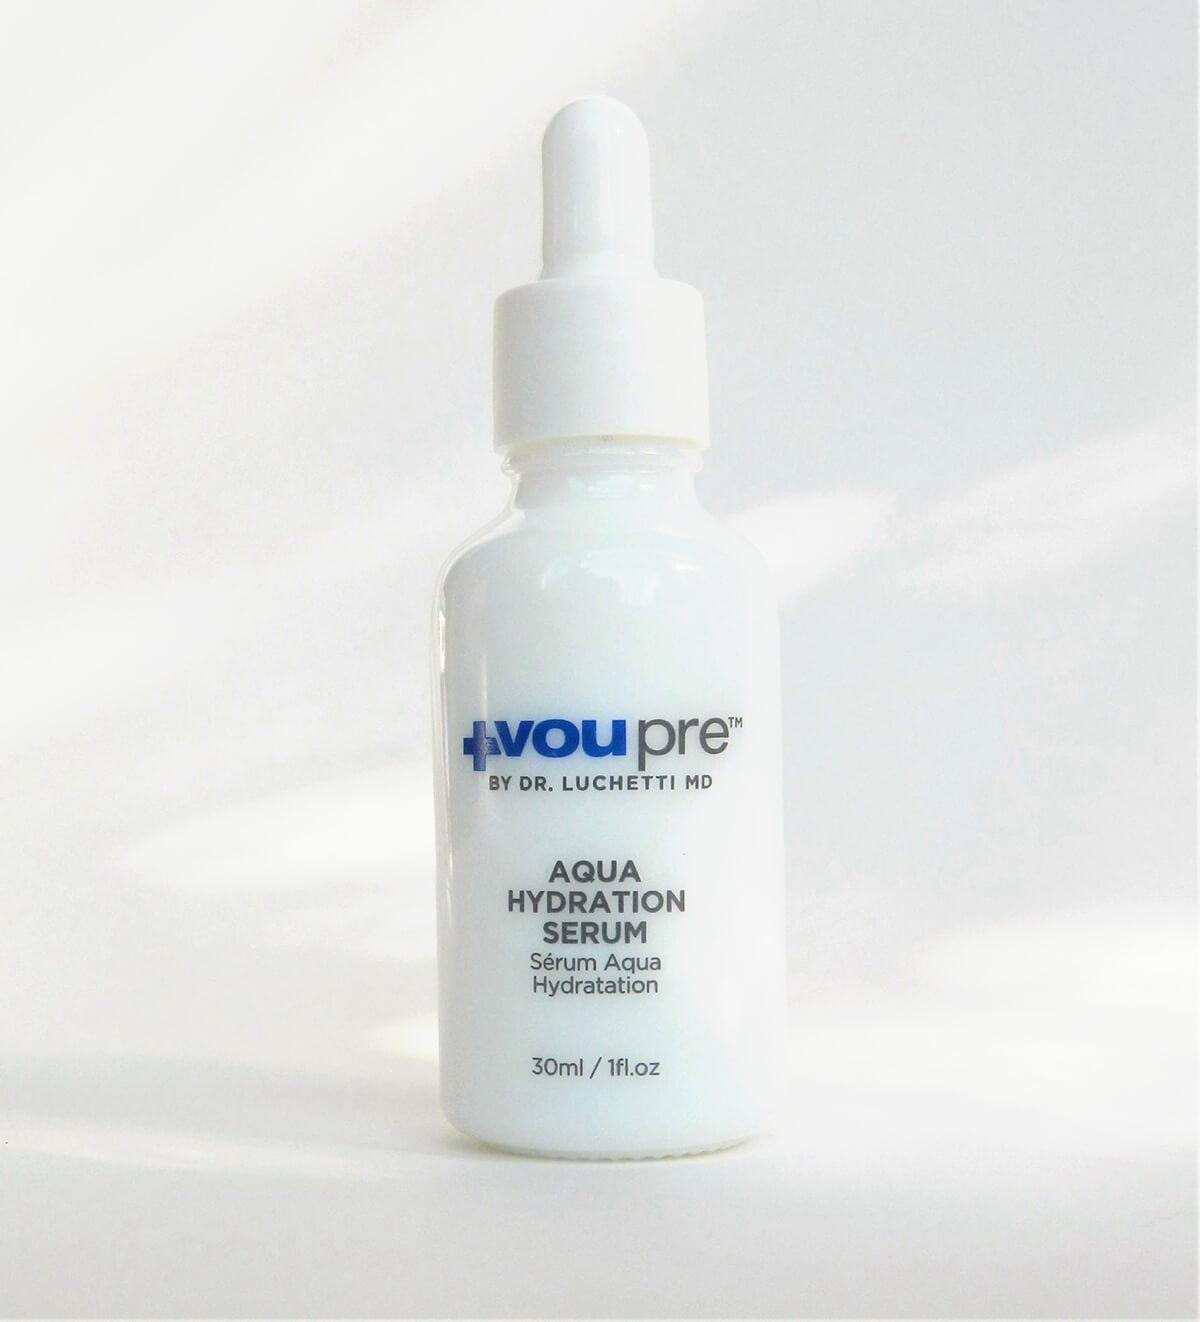 Vou Pre Aqua Hydration Serum